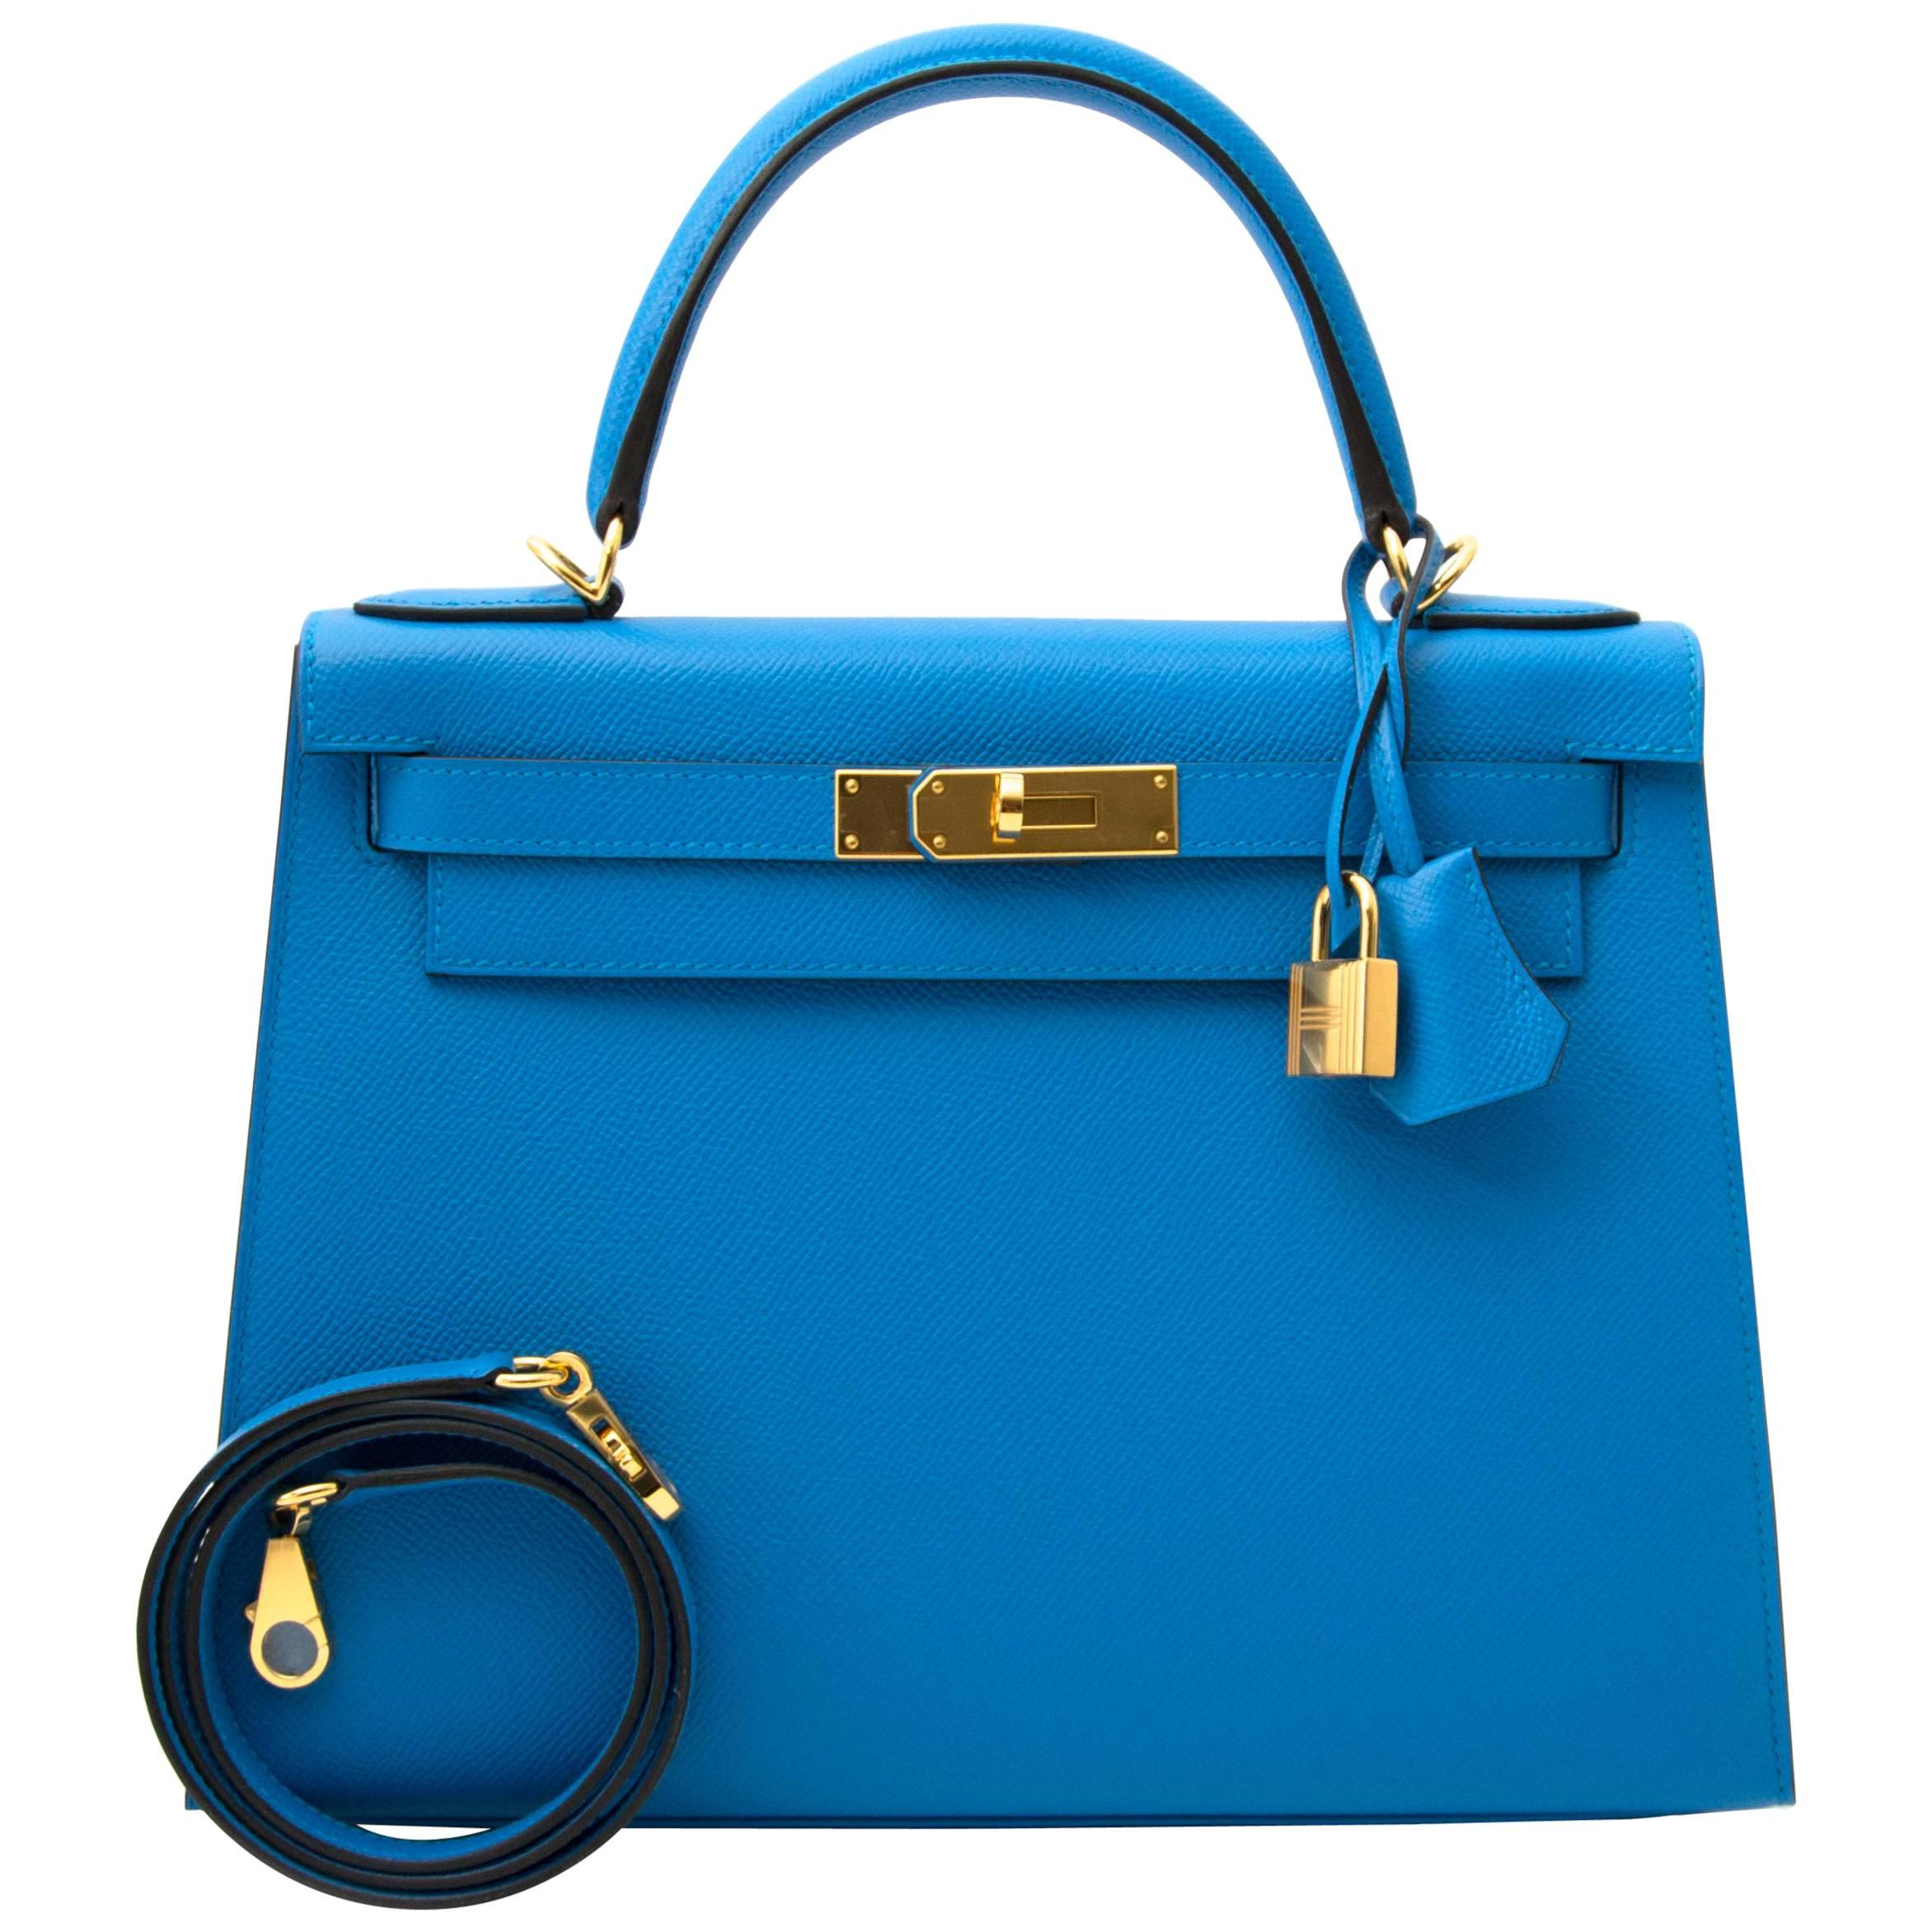 ef6099033a7 ... italy hermès kelly sellier 28 epsom bleu zanzibar ghw for sale cbb84  bd54f